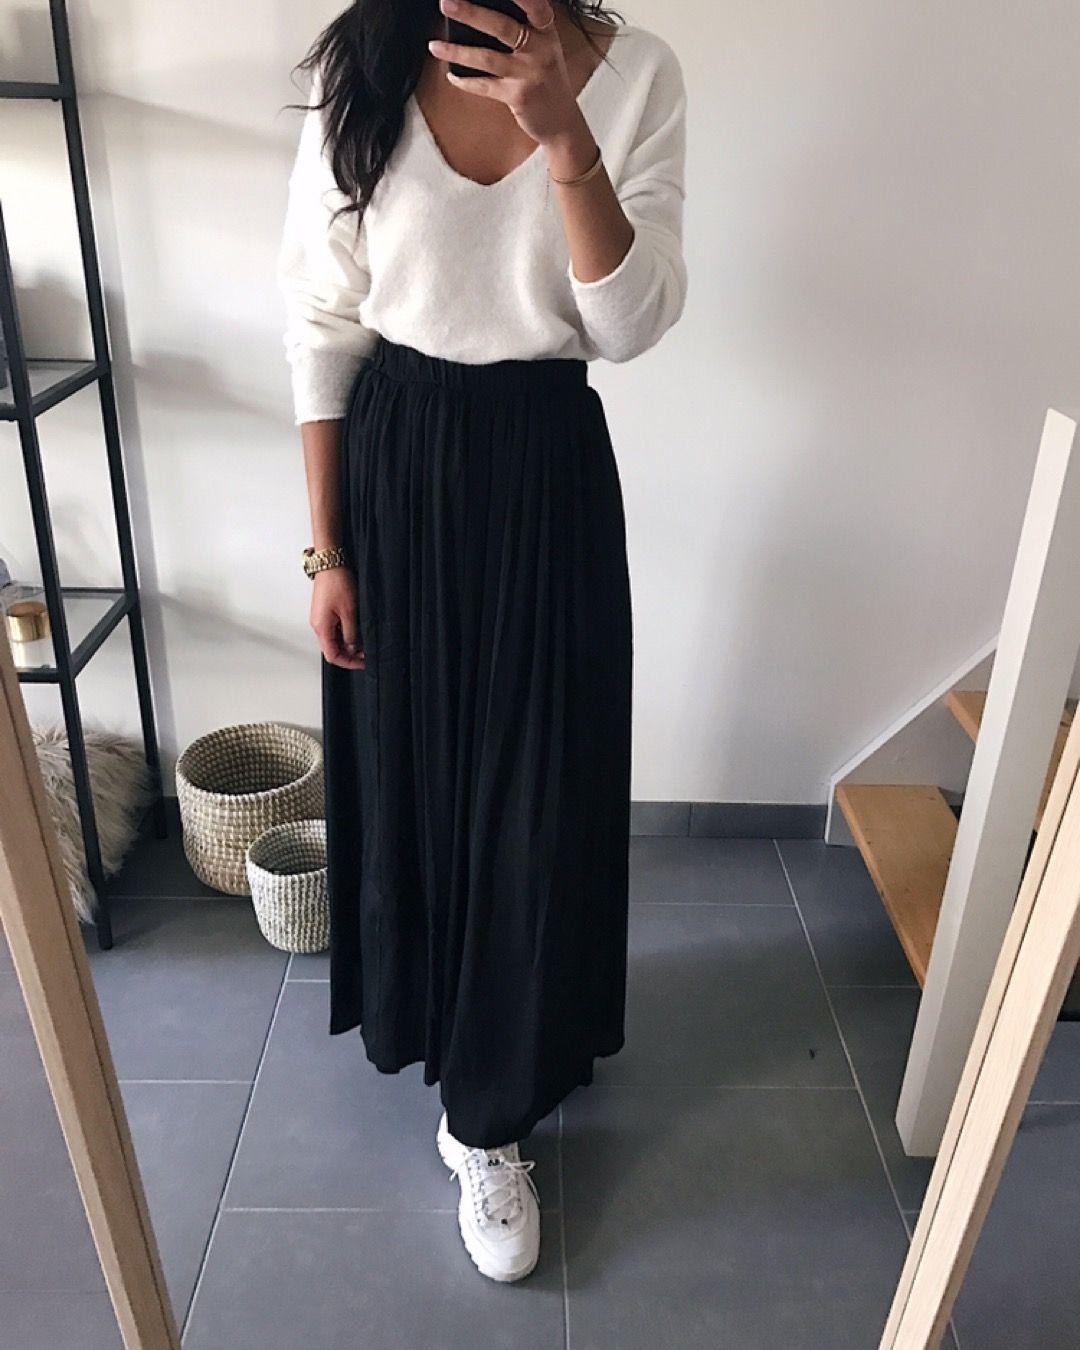 dc961a84ca14d2 Jupe longue plissée noire / 32€90 Idée de look: portez-là avec un ...